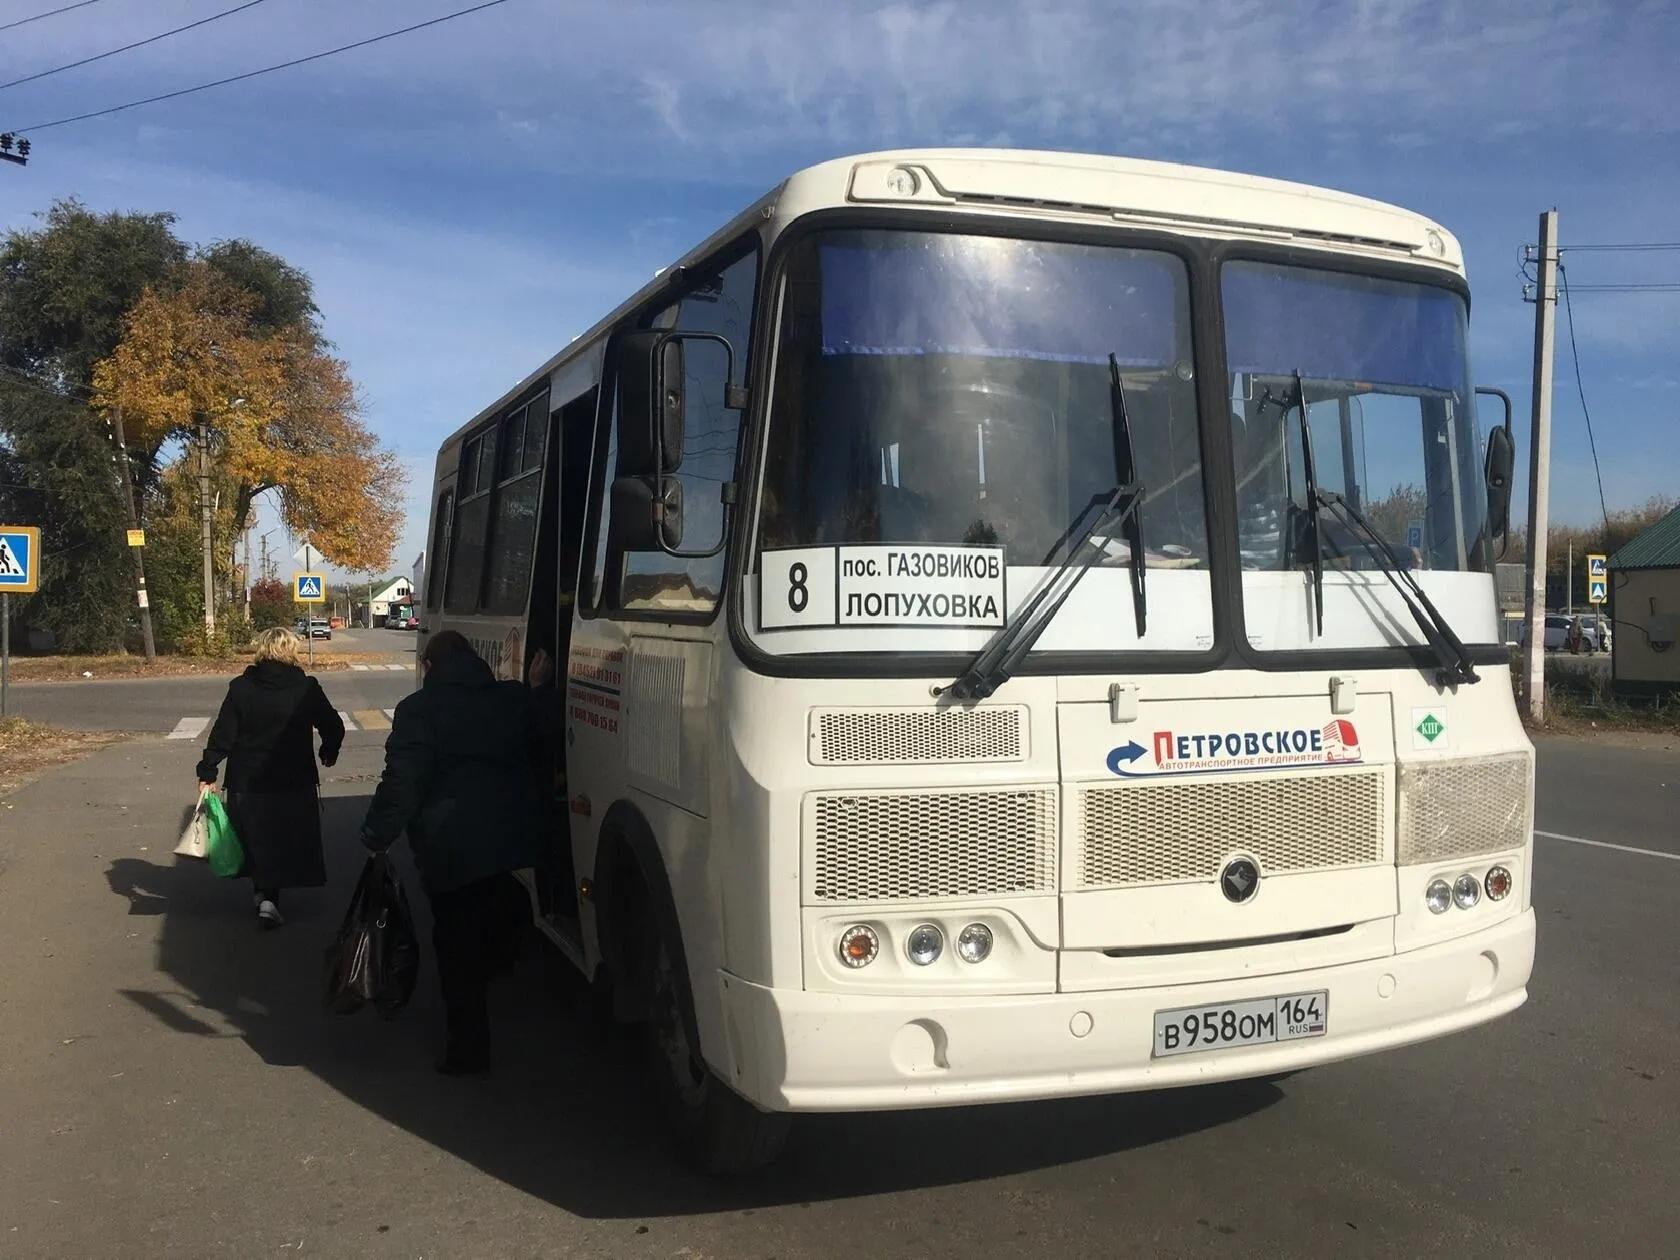 Петровское АТП корректирует расписание движения муниципальных маршрутов регулярных перевозок